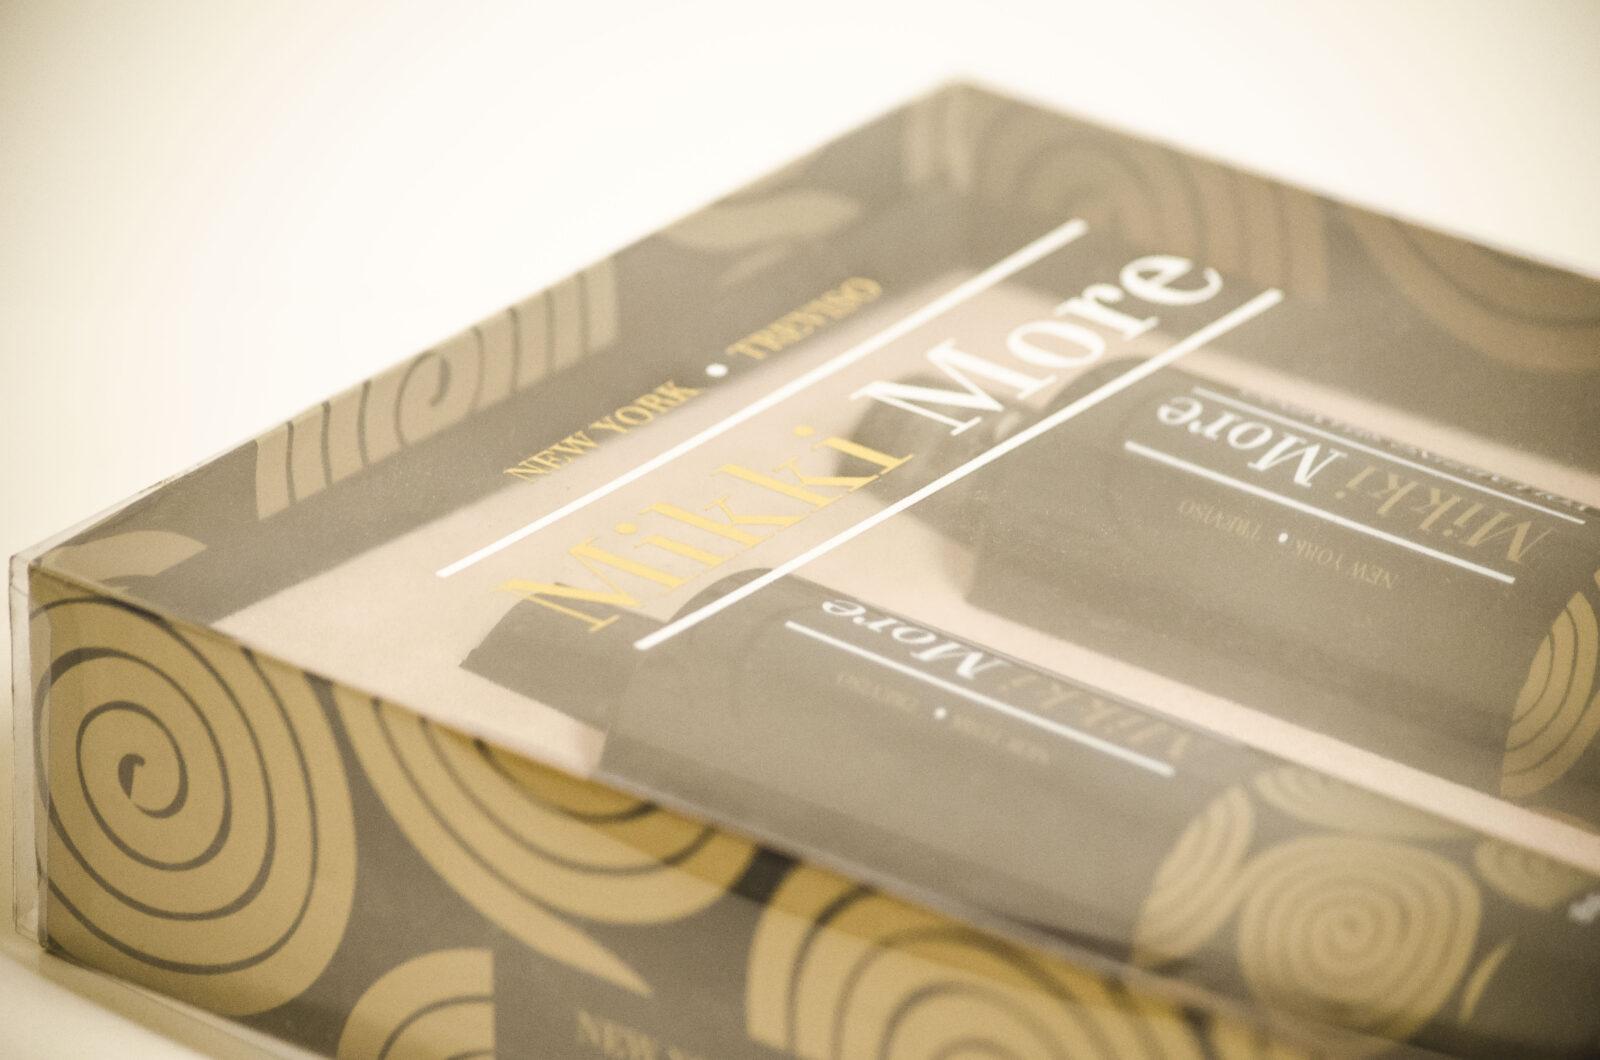 Vinyl Boxes - Mikki More